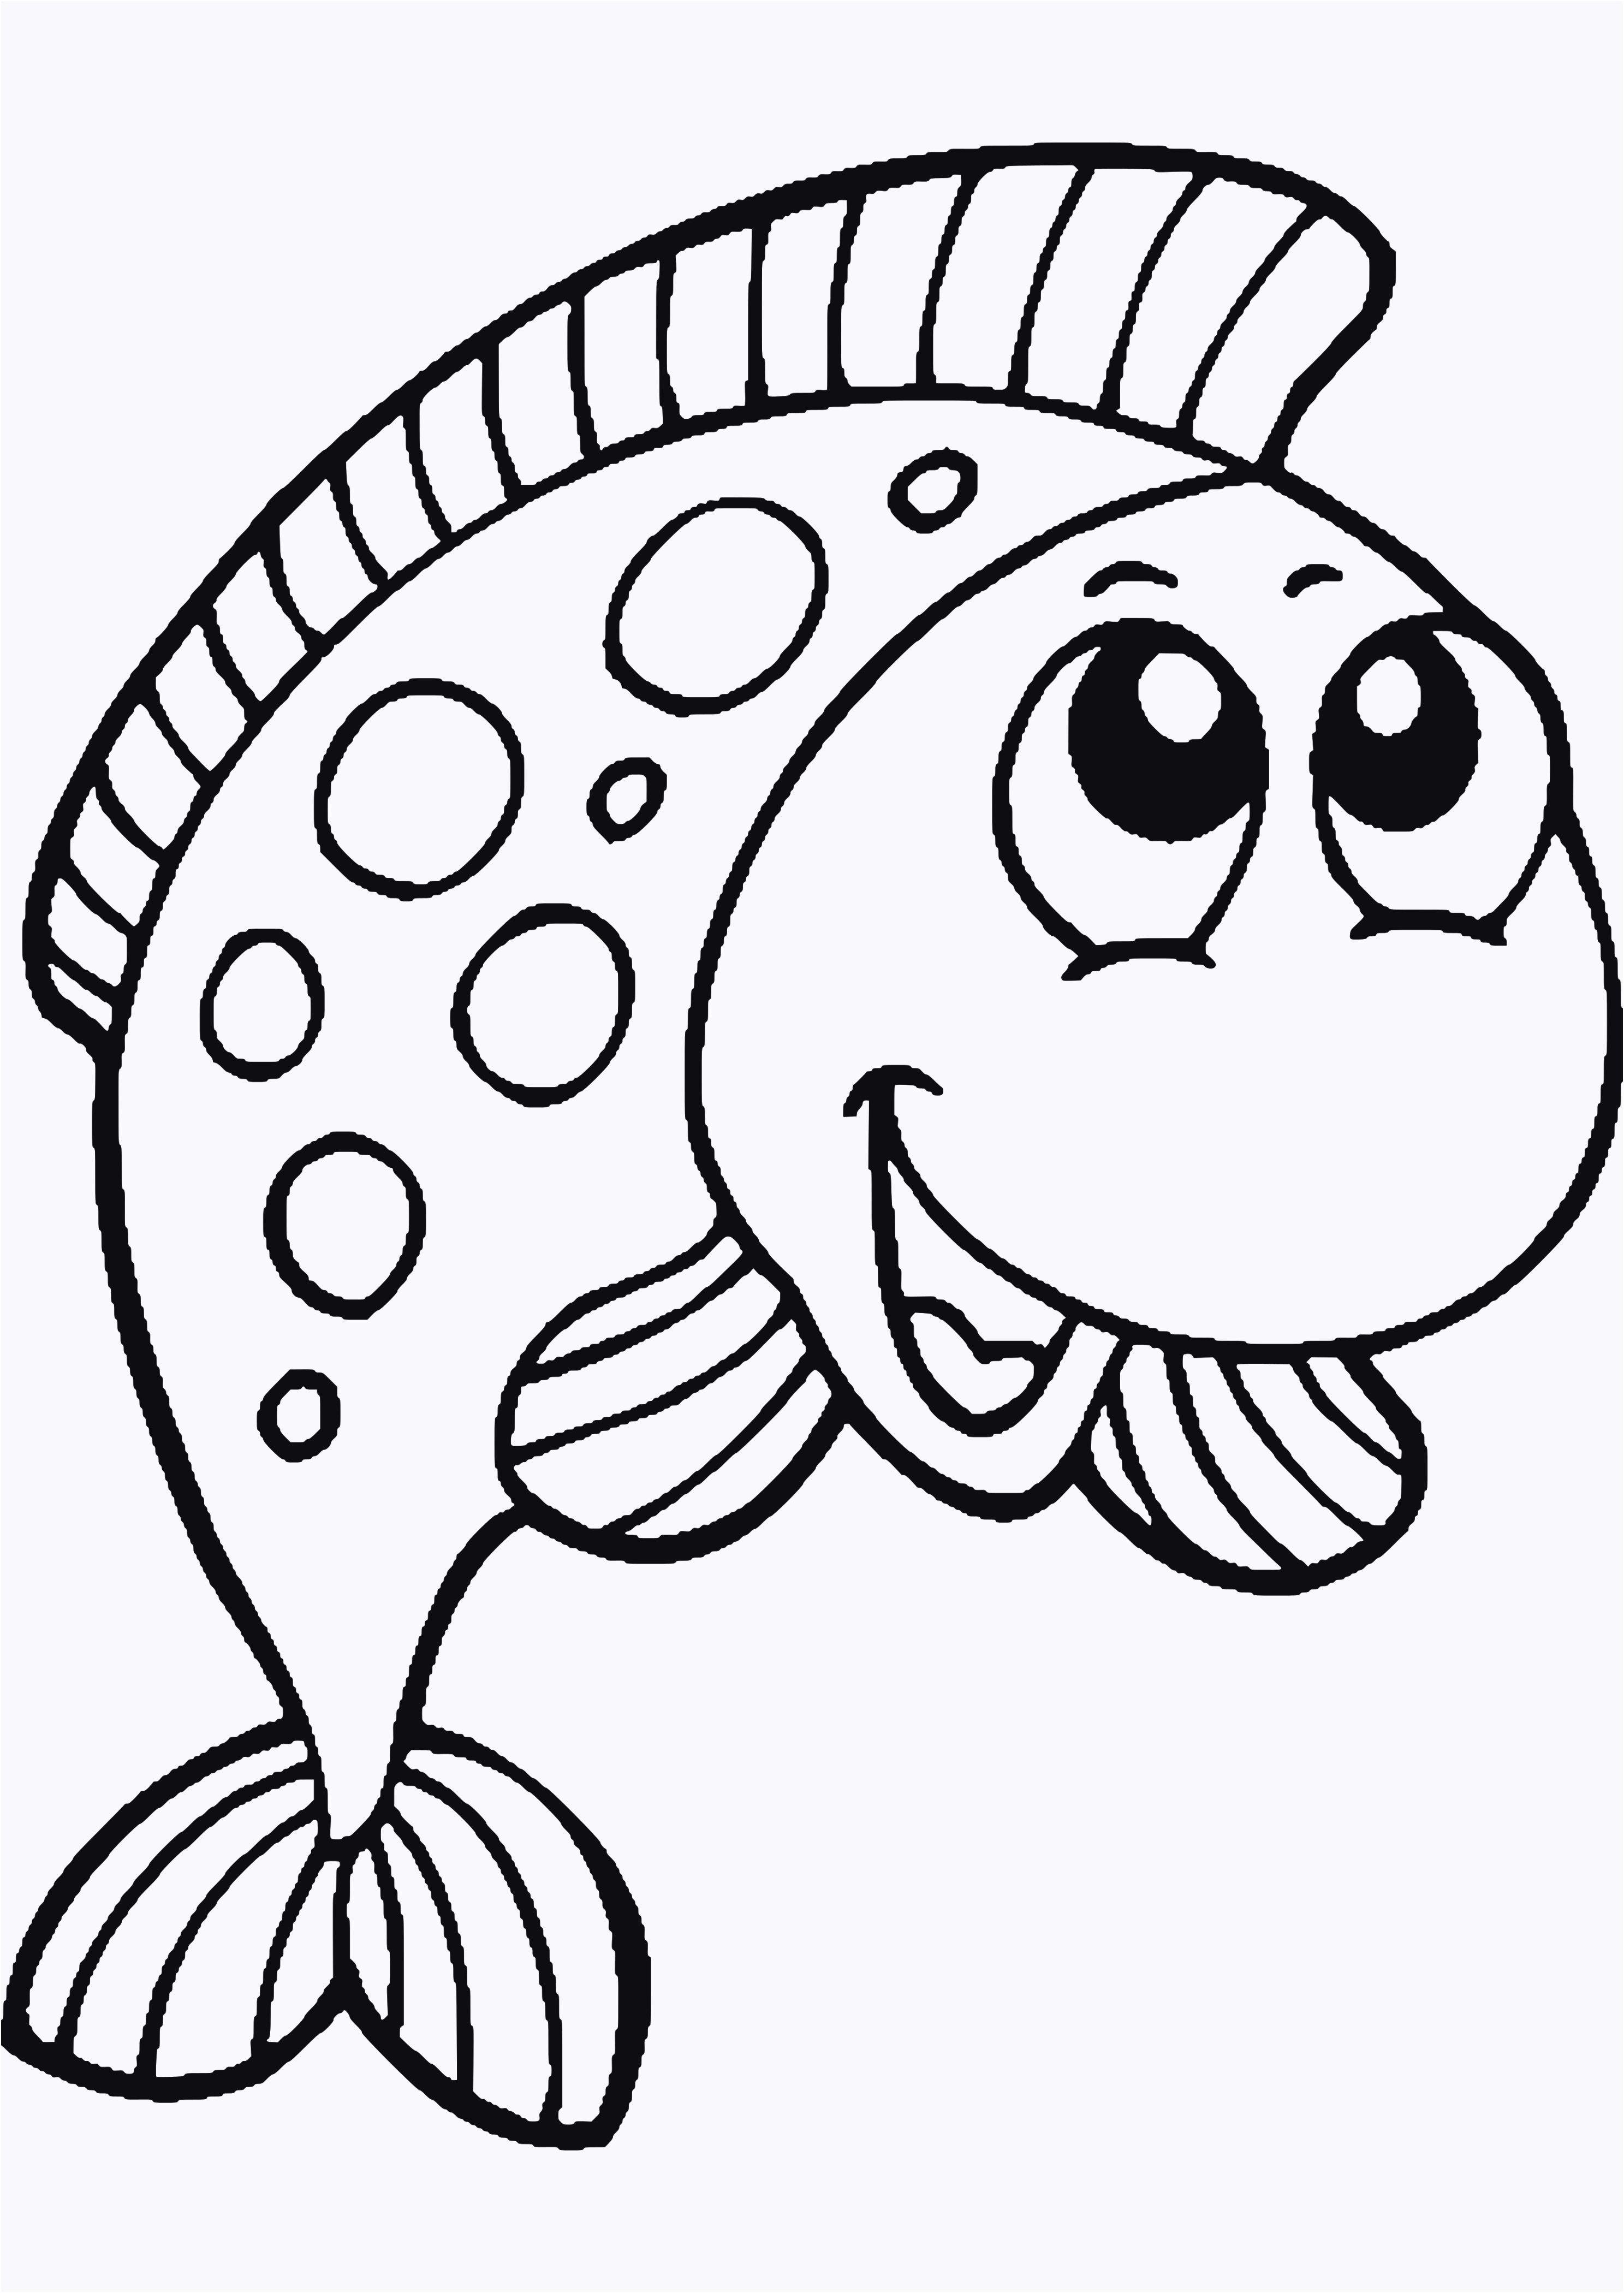 Unique Fische Vorlagen Farbung Malvorlagen Malvorlagenfurkinder Coloring Pages Art Kids Rugs